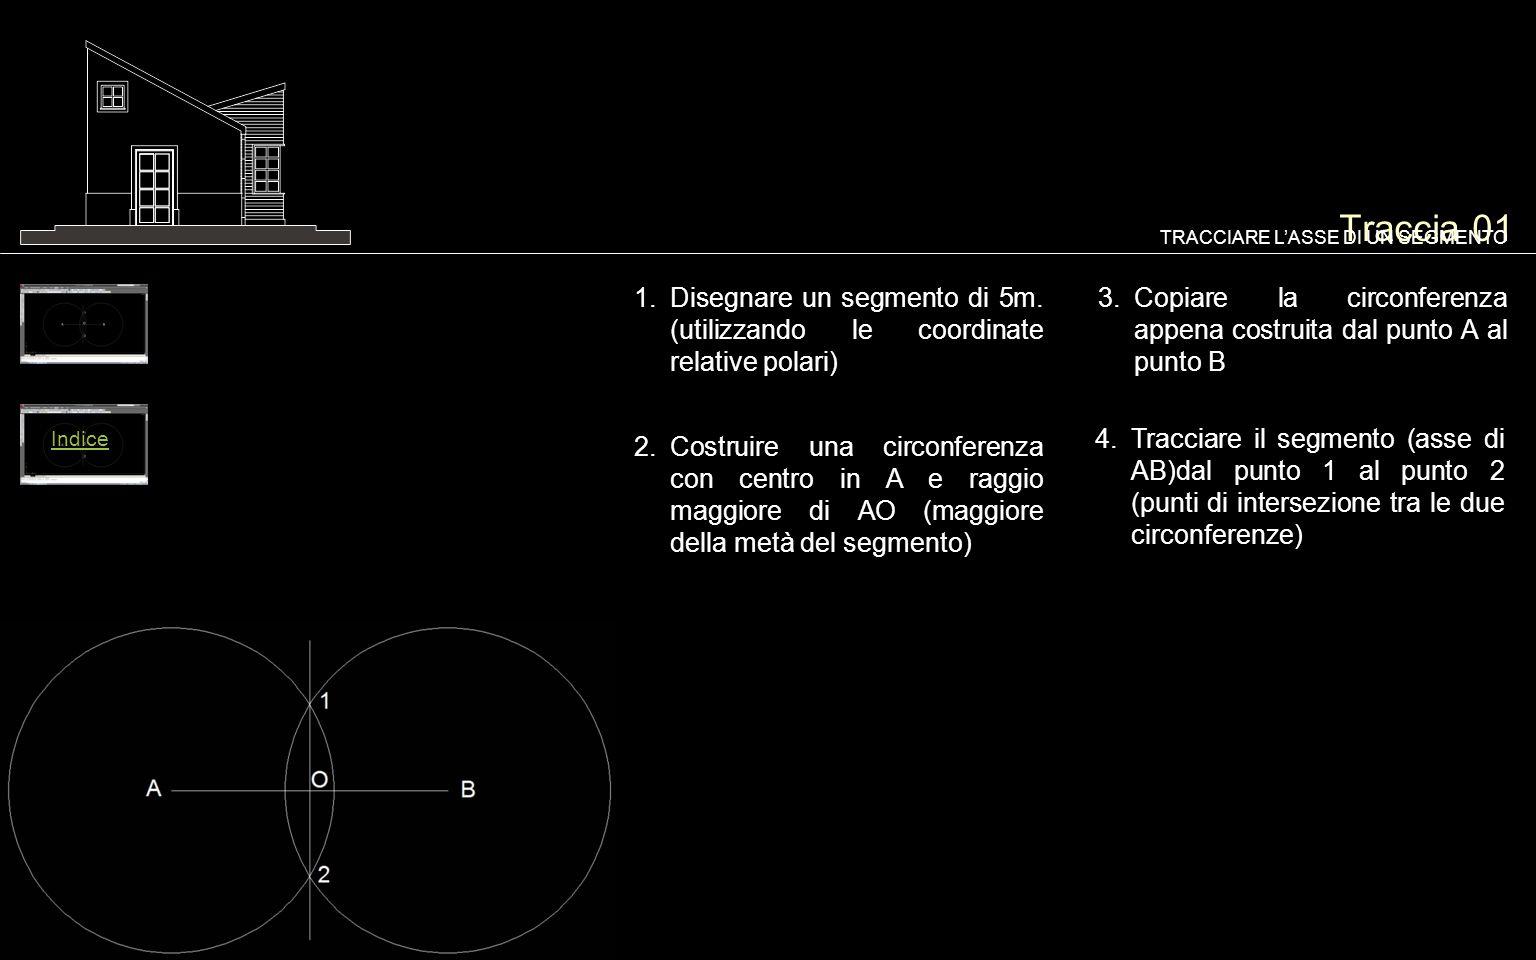 Traccia 01 TRACCIARE L'ASSE DI UN SEGMENTO. Disegnare un segmento di 5m. (utilizzando le coordinate relative polari)